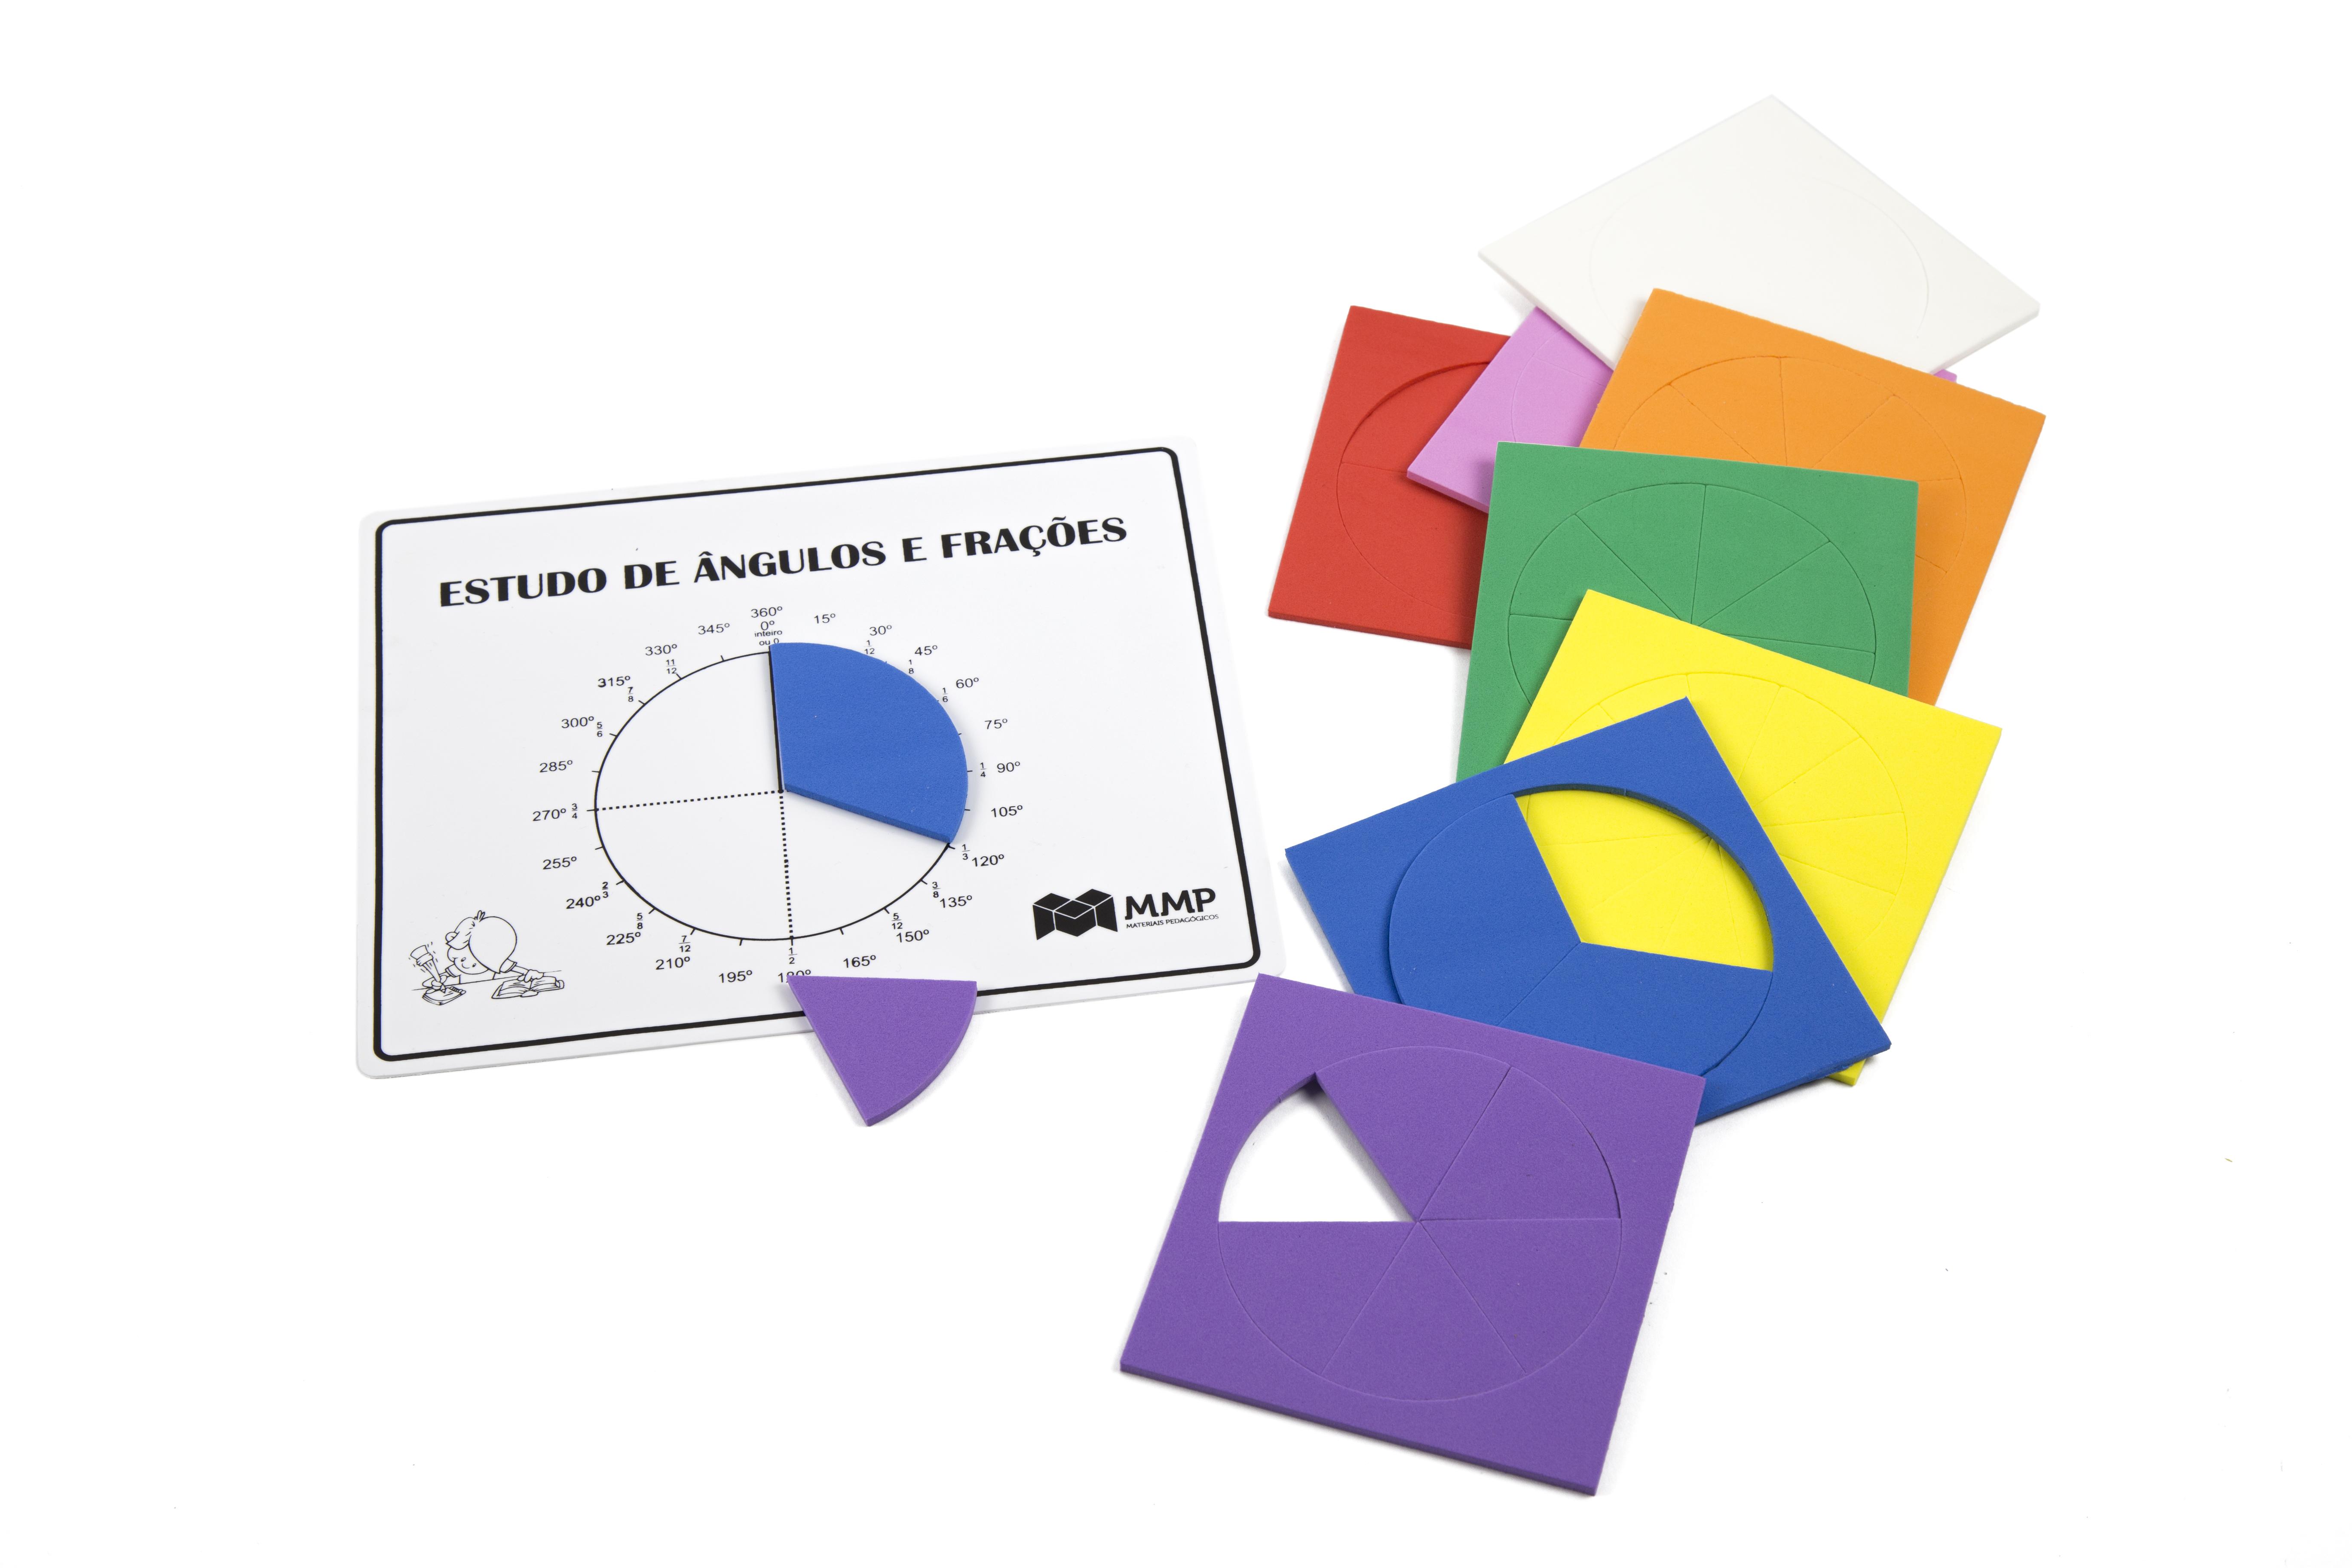 Frações Circulares com prancha para estudo de ângulos